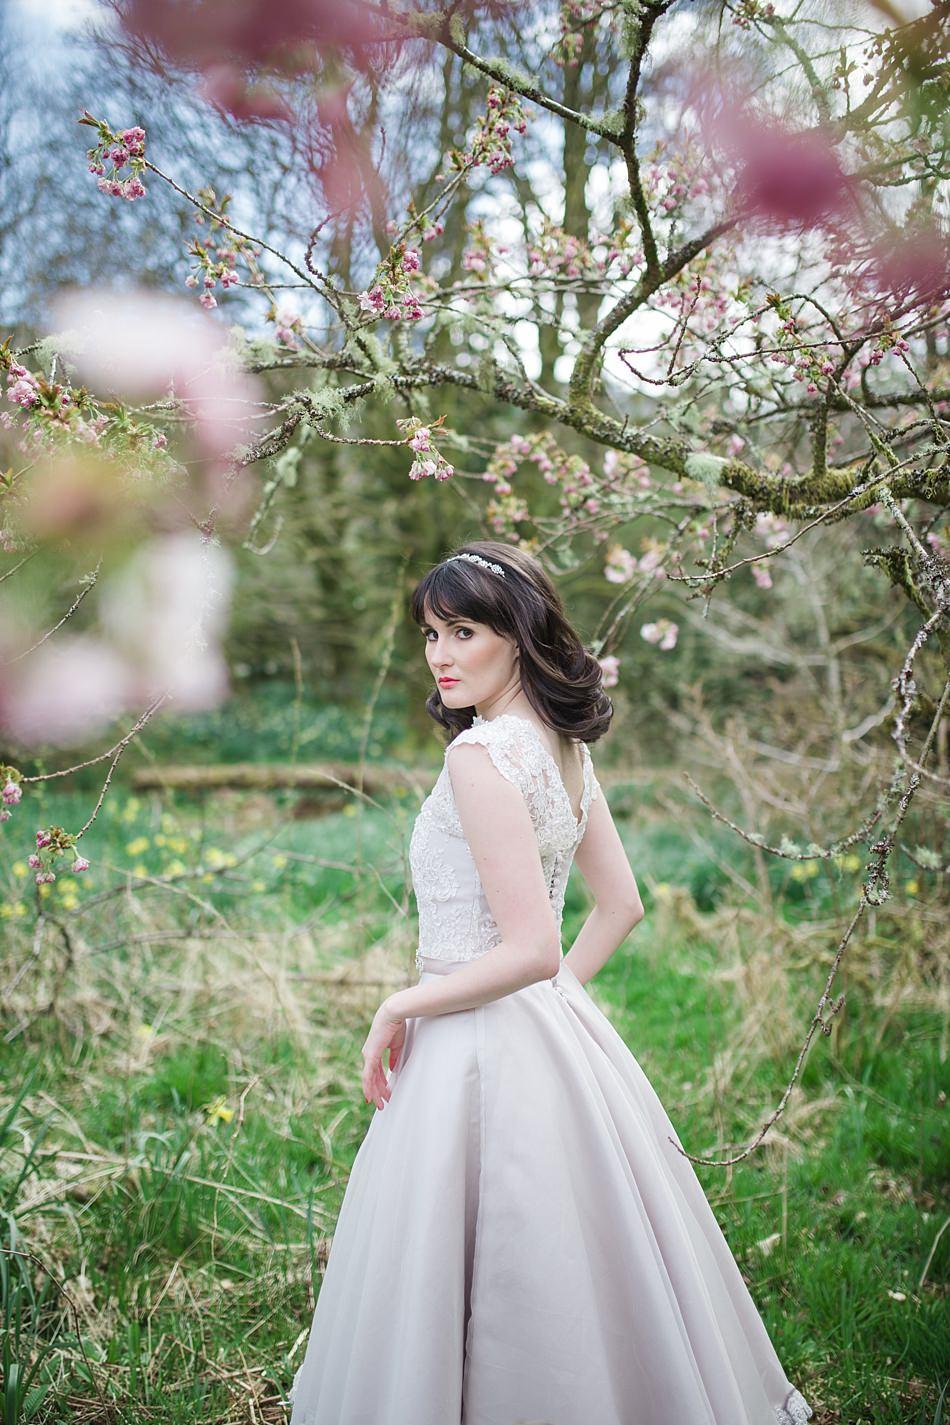 wedding ardkinglas Loch fyne 1-16.jpg